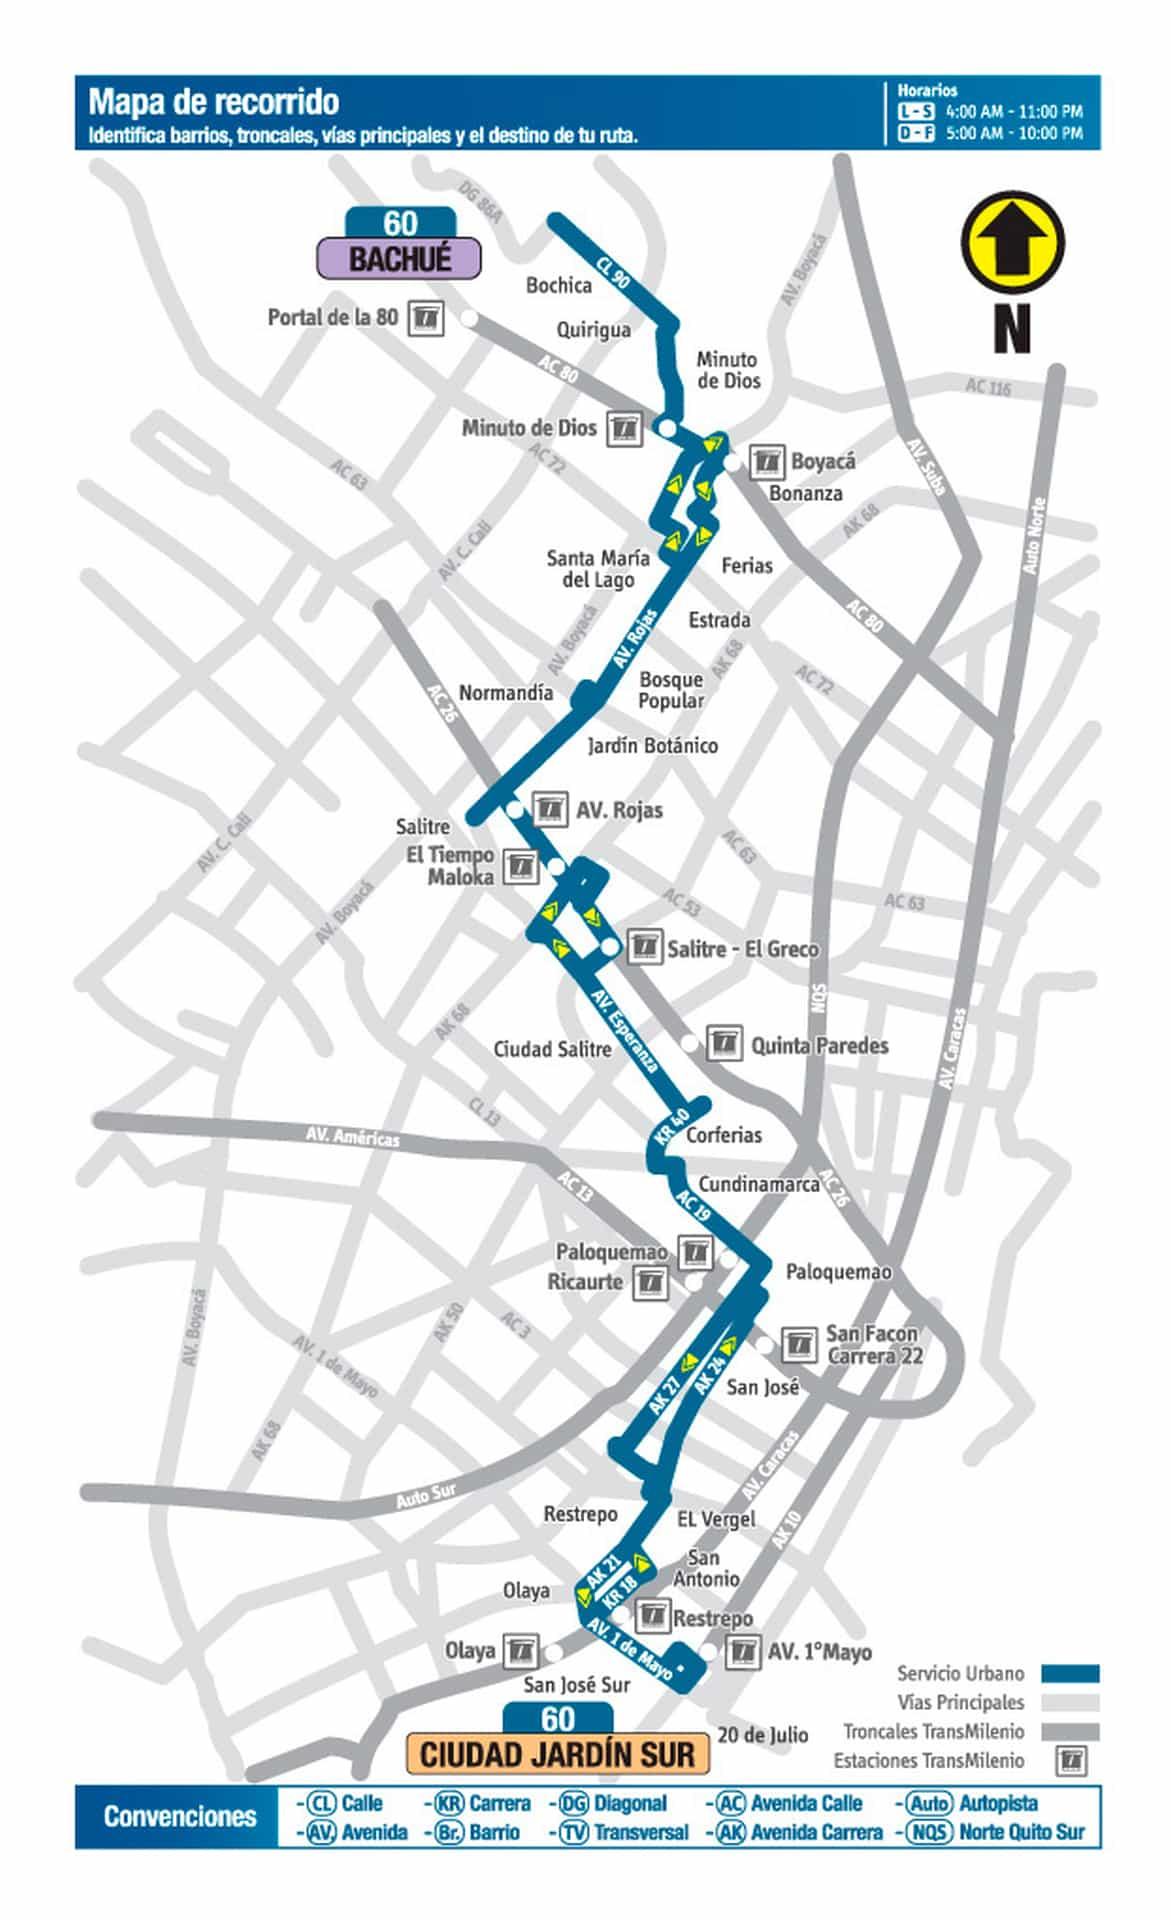 Mapa bus urbano: 60 Bachué - Lomas